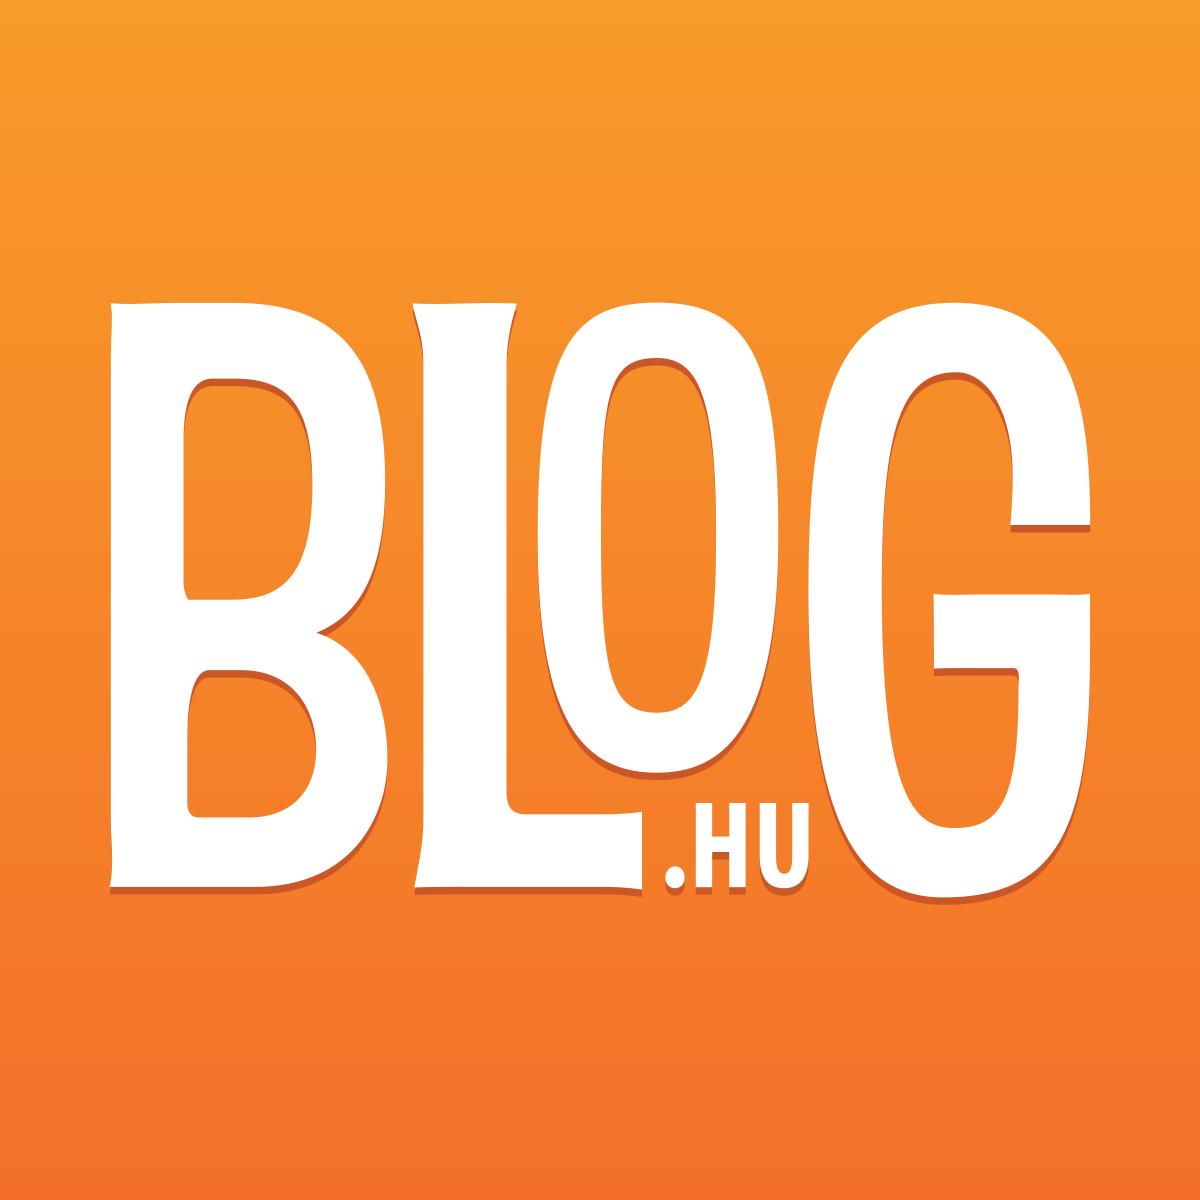 Blog.hu - nyitó->